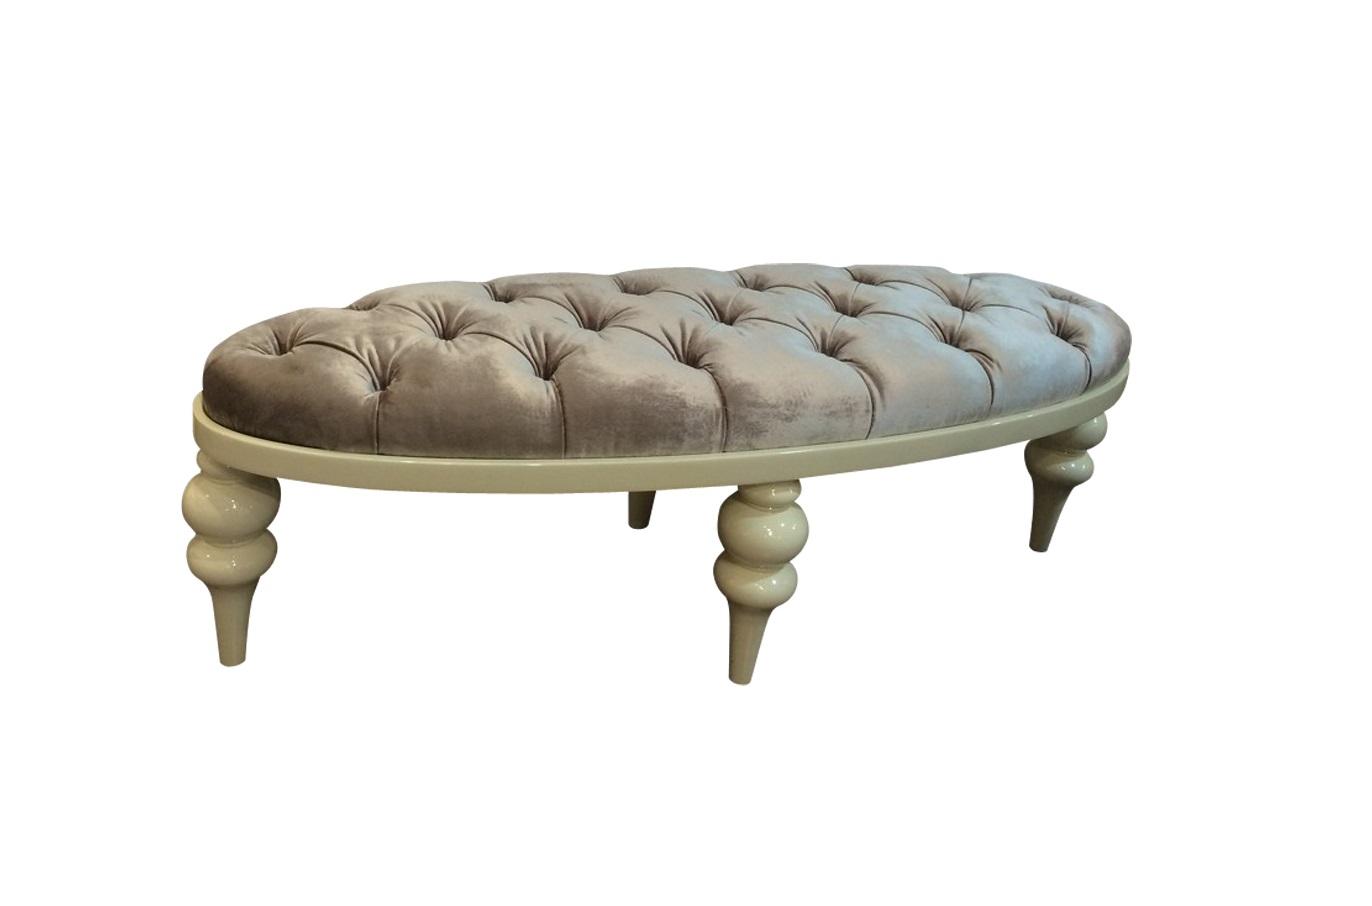 Банкетка PALERMOБанкетки<br>Эксклюзивная банкетка выполнена итальянскими мастерами  в лучших традициях мебельной классики. Изящность округлых форм придает дизайну неподдельную аристократичность и царственную роскошь.<br><br>Material: Дерево<br>Width см: 130<br>Depth см: 45<br>Height см: 40